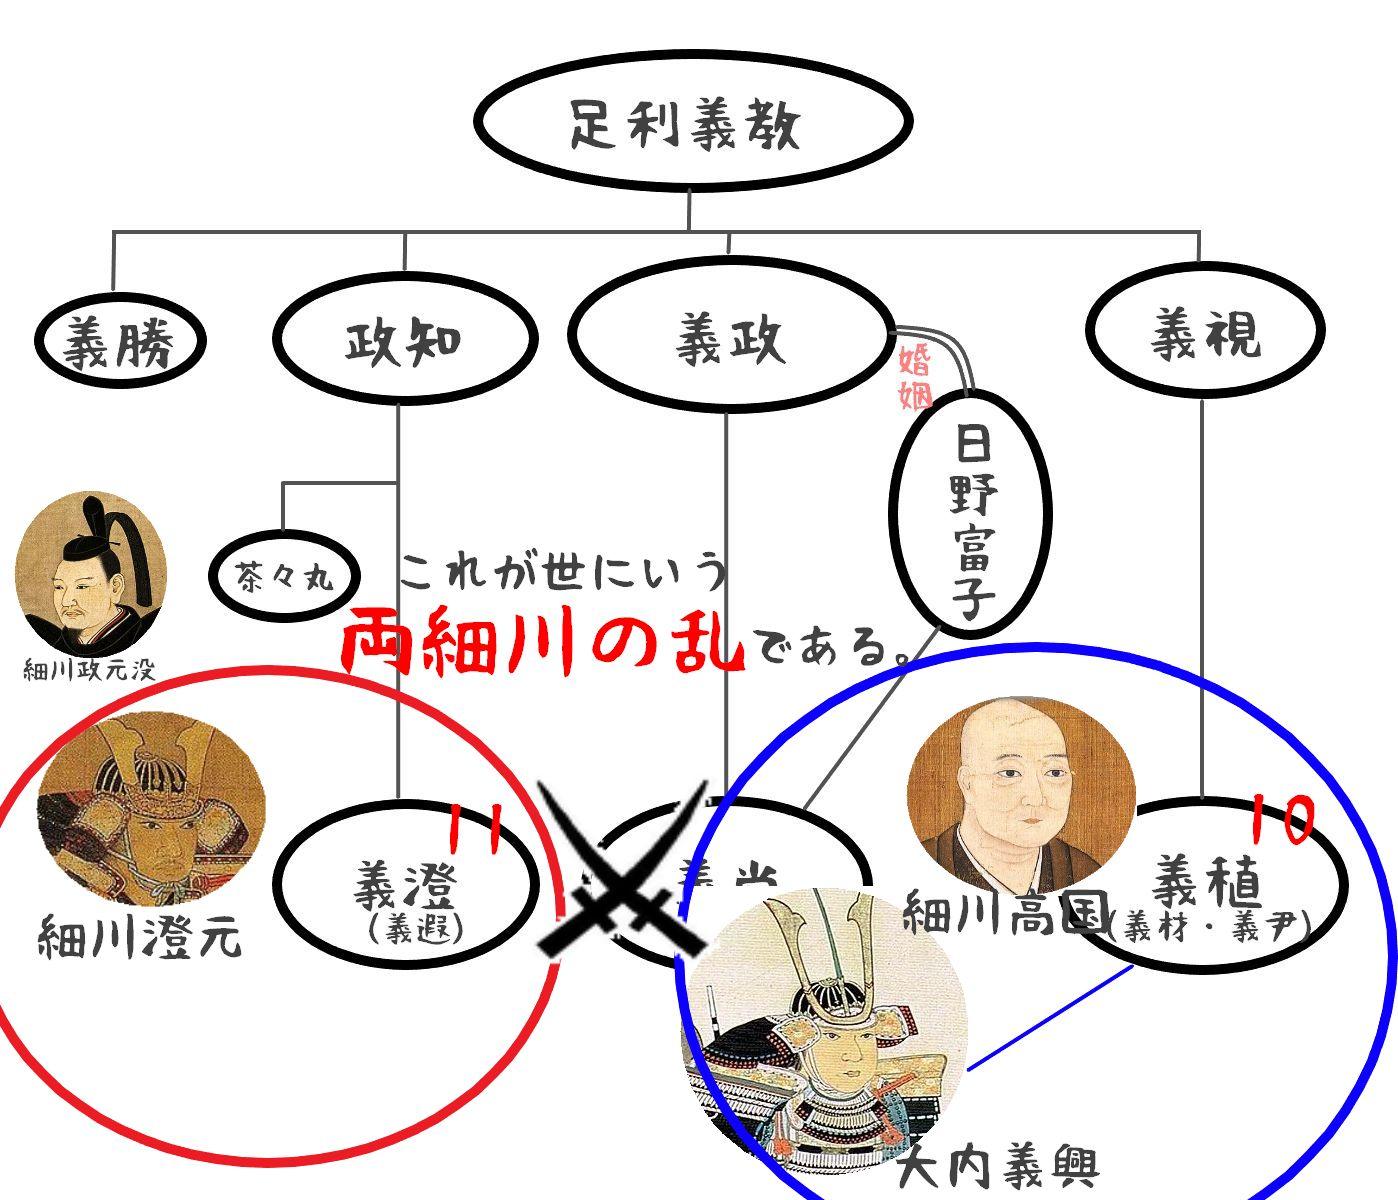 足利将軍家家系図03